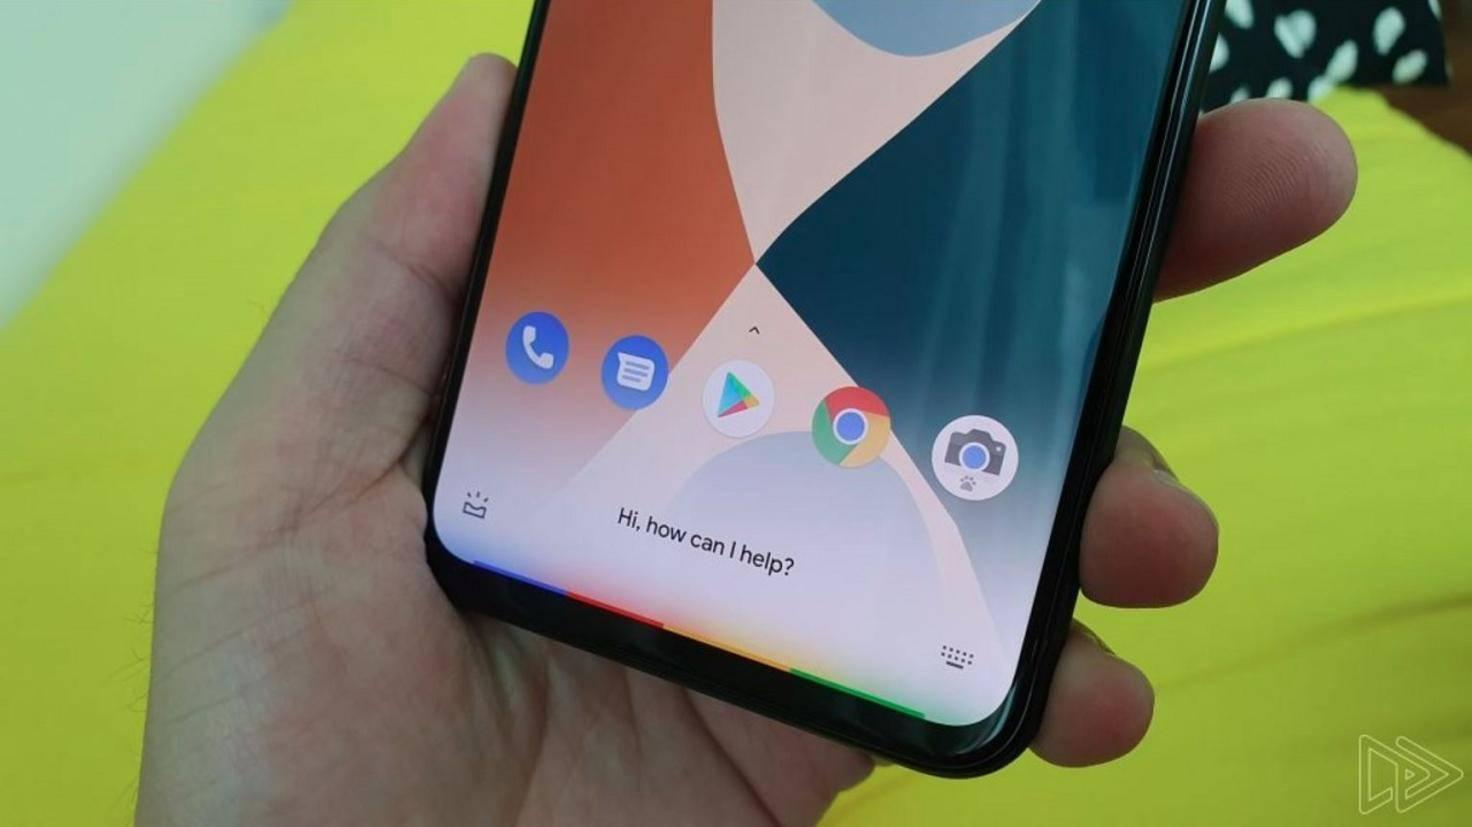 Google Pixel 4 XL Google Assistant